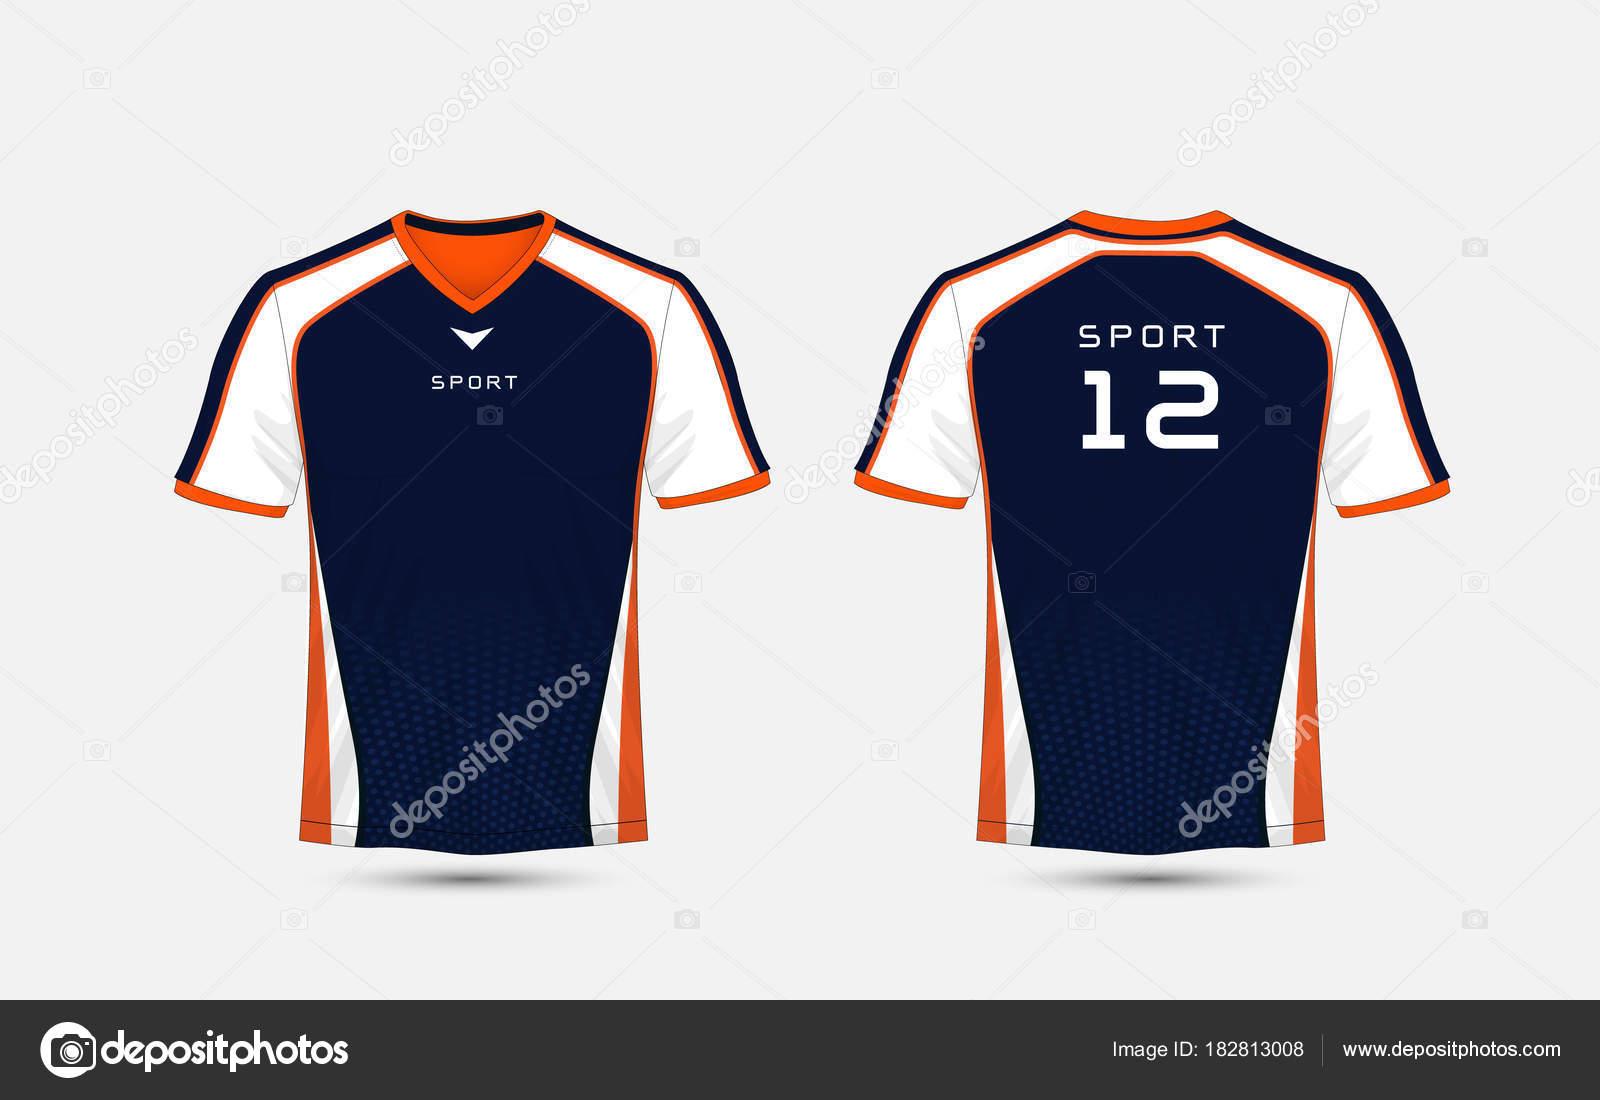 Azul, blanco y naranja deporte fútbol kits, jersey, plantilla de ...